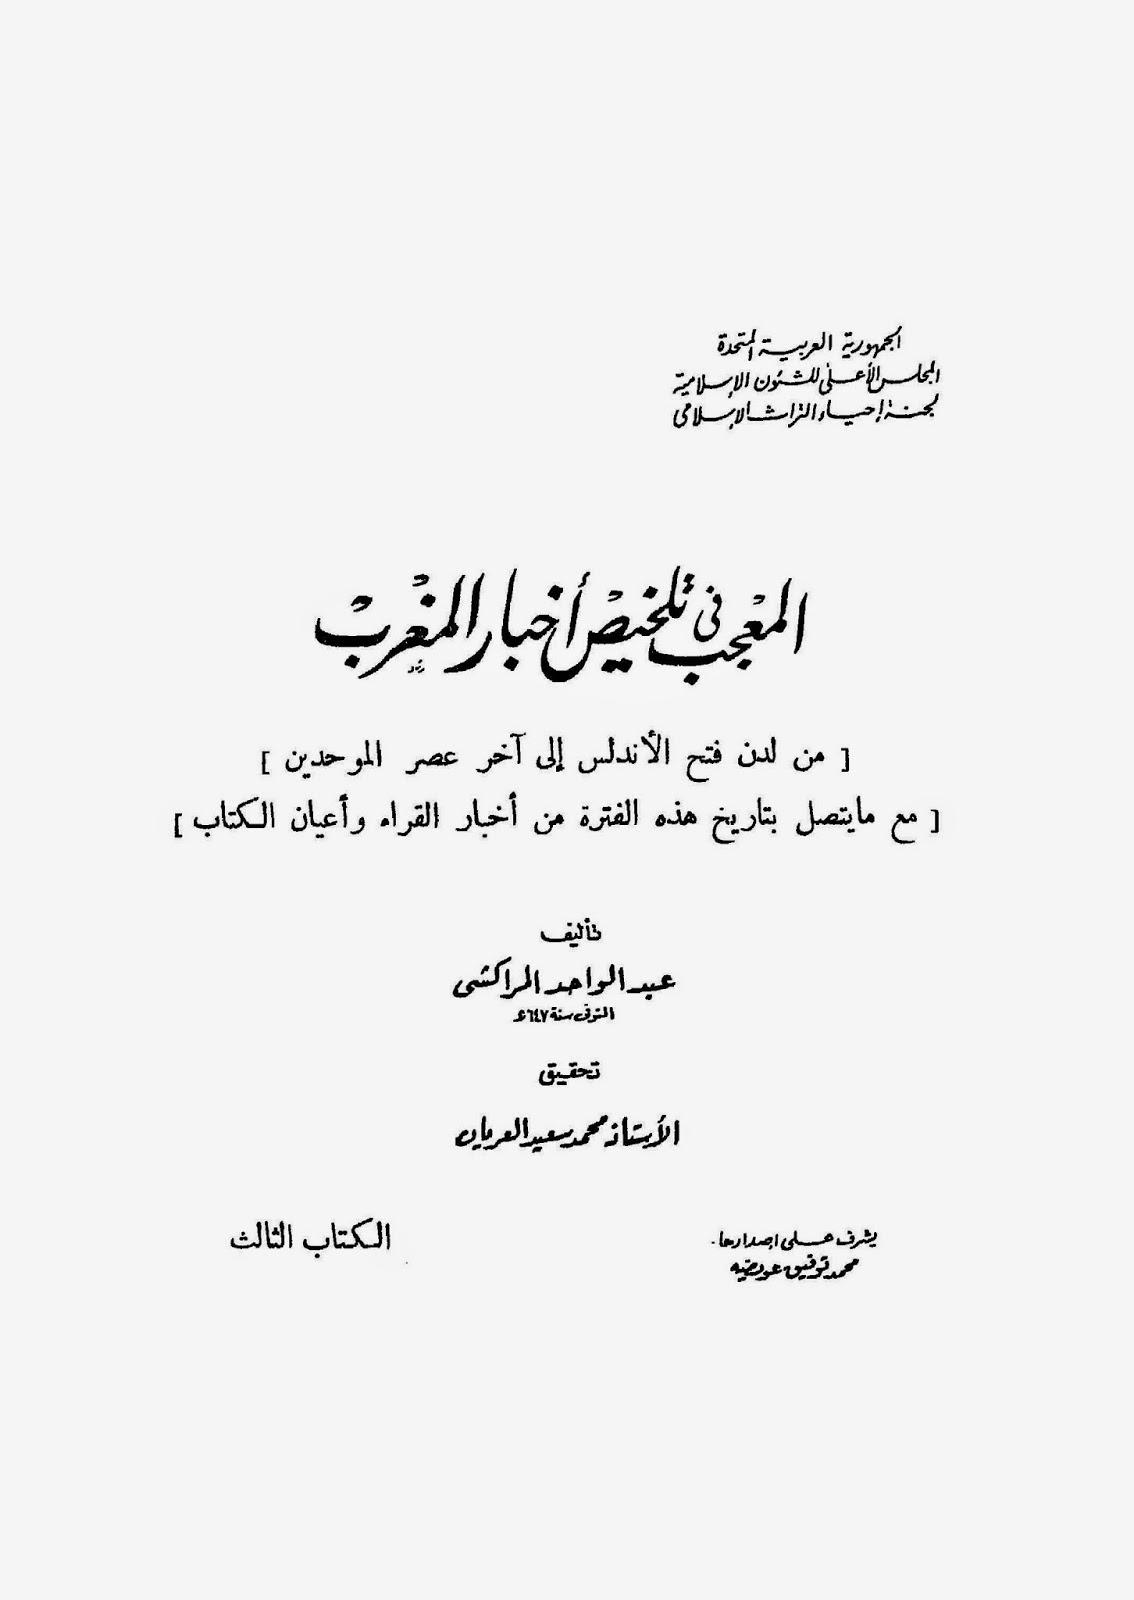 المعجب في تلخيص أخبار المغرب لـ عبد الواحد المراكشي